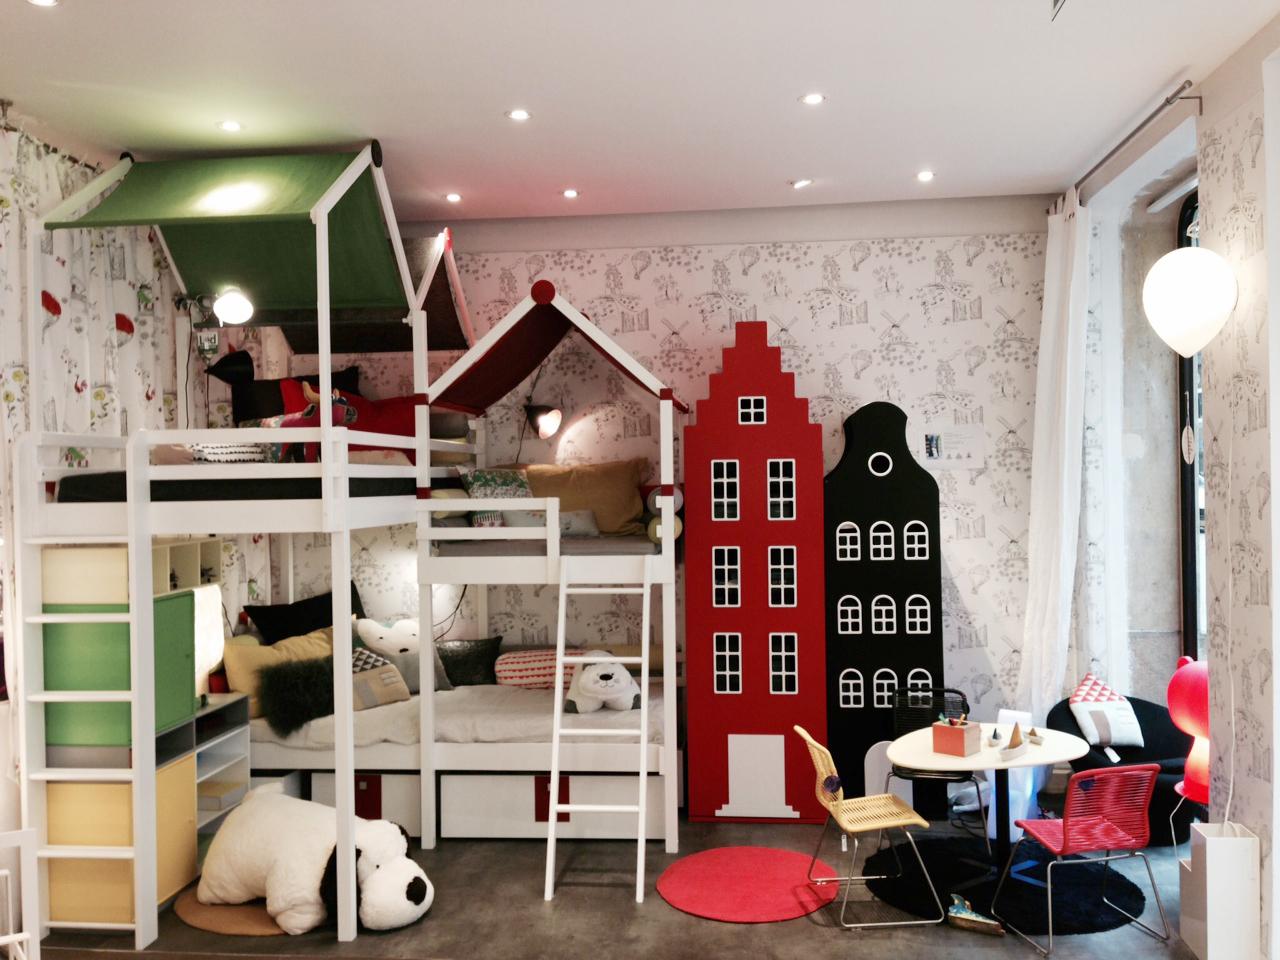 Du mobilier modulable pour une chambre d enfant isa mo architecture d 39 int rieur chambres d - Mobilier chambre d enfant ...